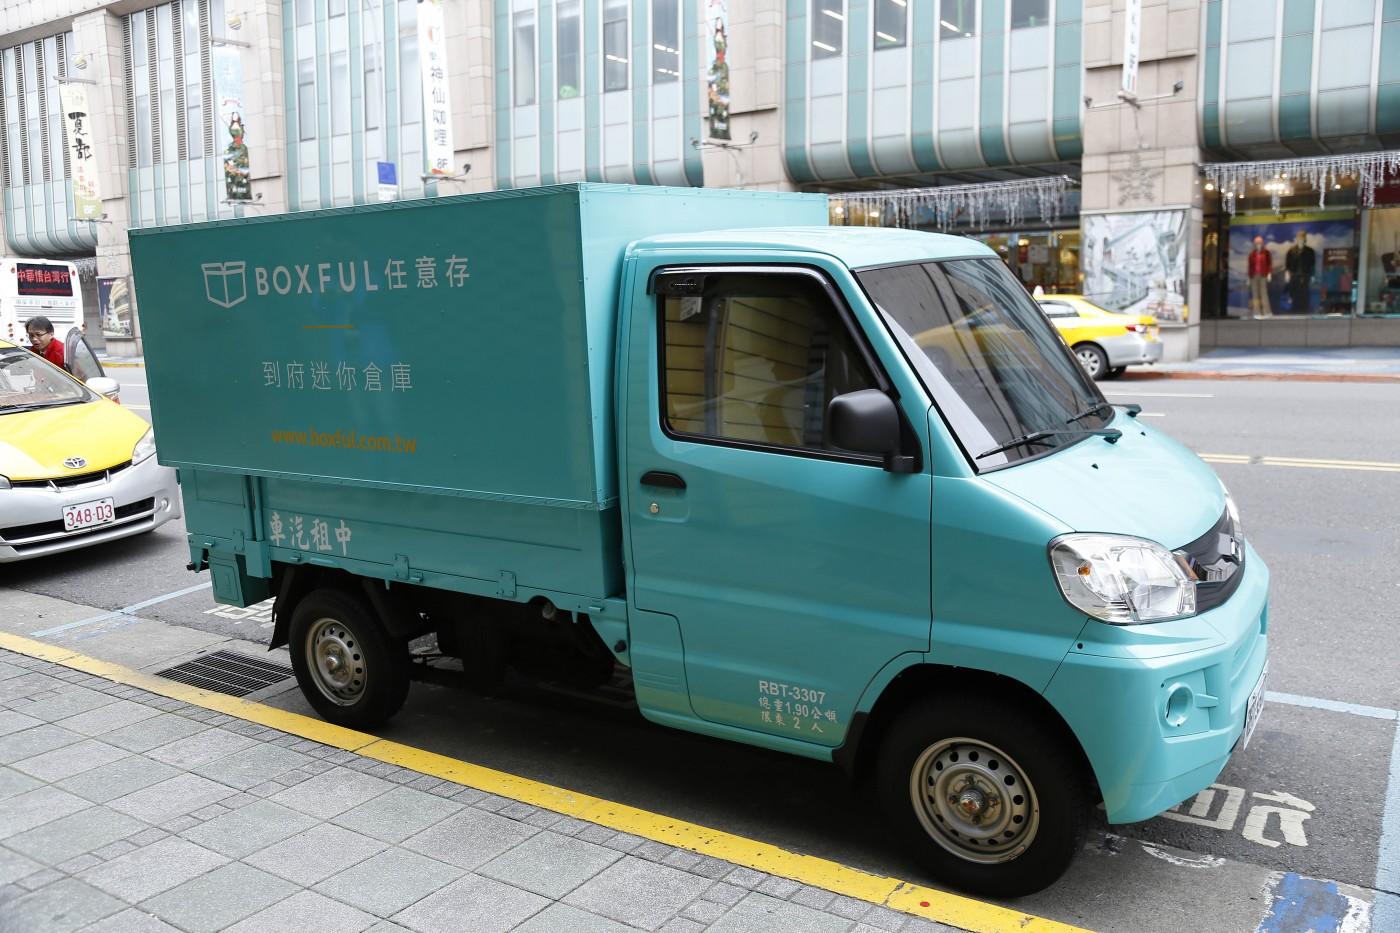 傳統倉儲服務上網賣,Boxful完成B輪5.4億元募資,台灣將扮演新服務開發試點